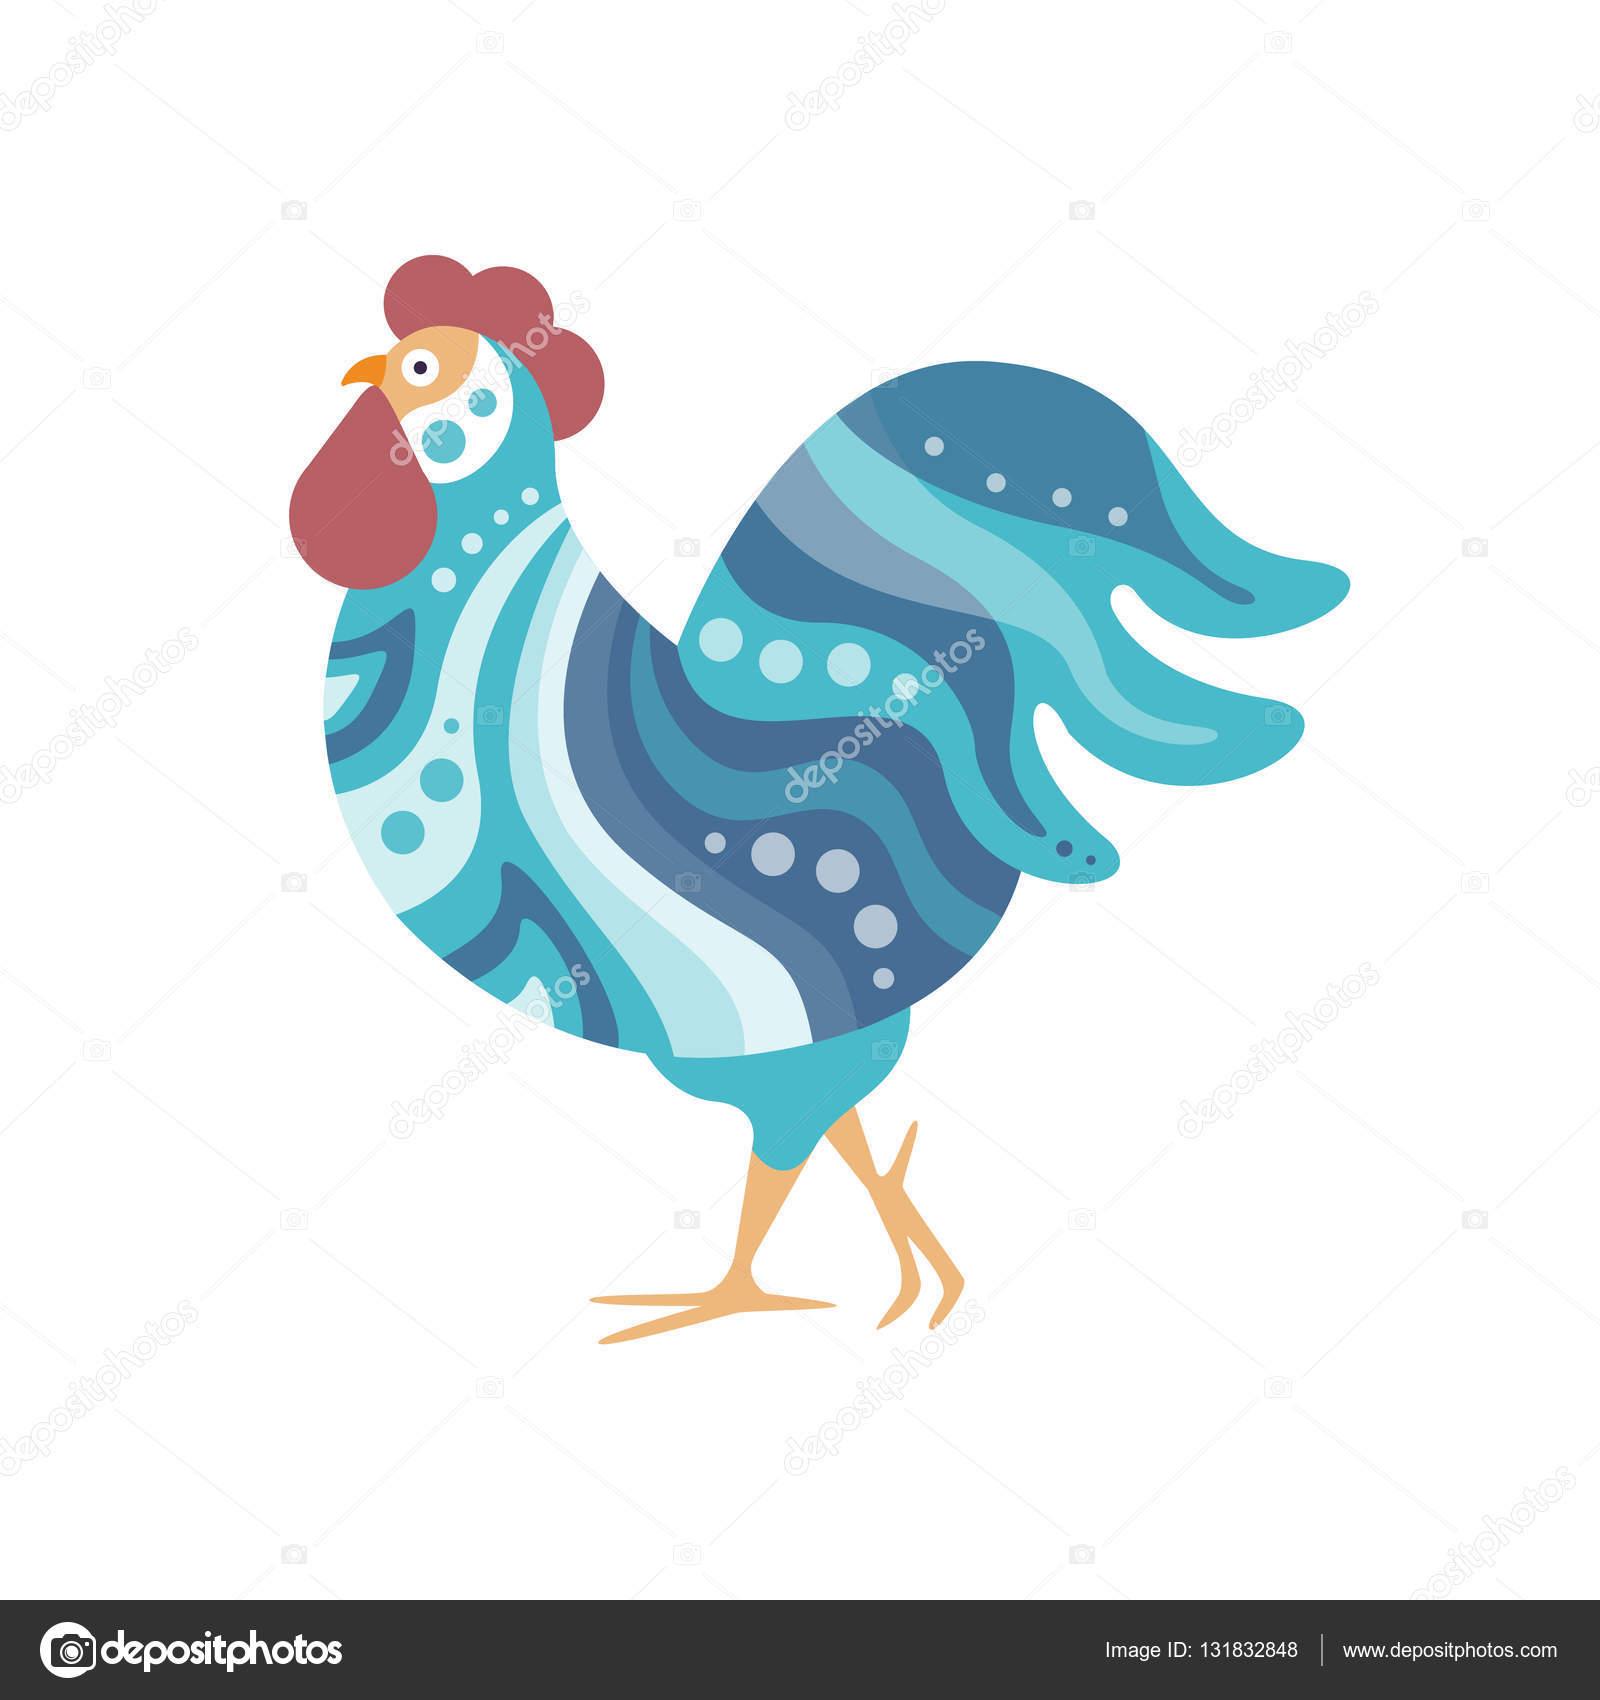 b43202ca15338 Aves de granja gallo color estilo artísticos modernos llenado de patrón de  franjas onduladas de color azul y colorida ilustración de puntos.